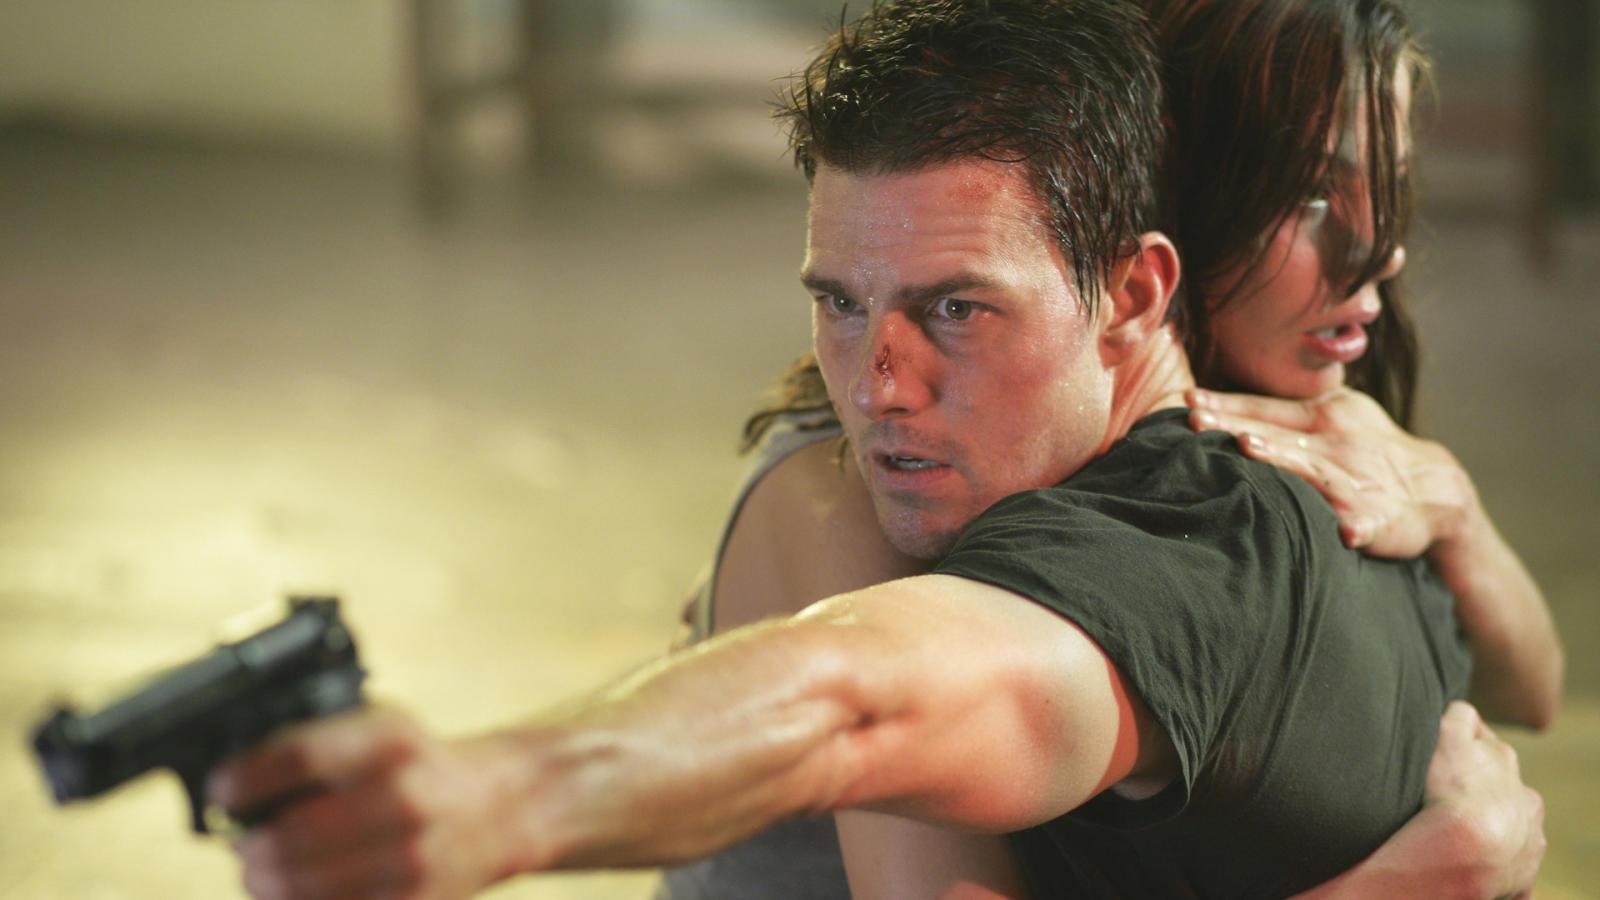 Vapnet i ena handen och sin älskling i den andra. Här sammanfattas den inte konflikt som Ethan Hunt kämpar med rätt bra. Foto: Paramount Pictures.